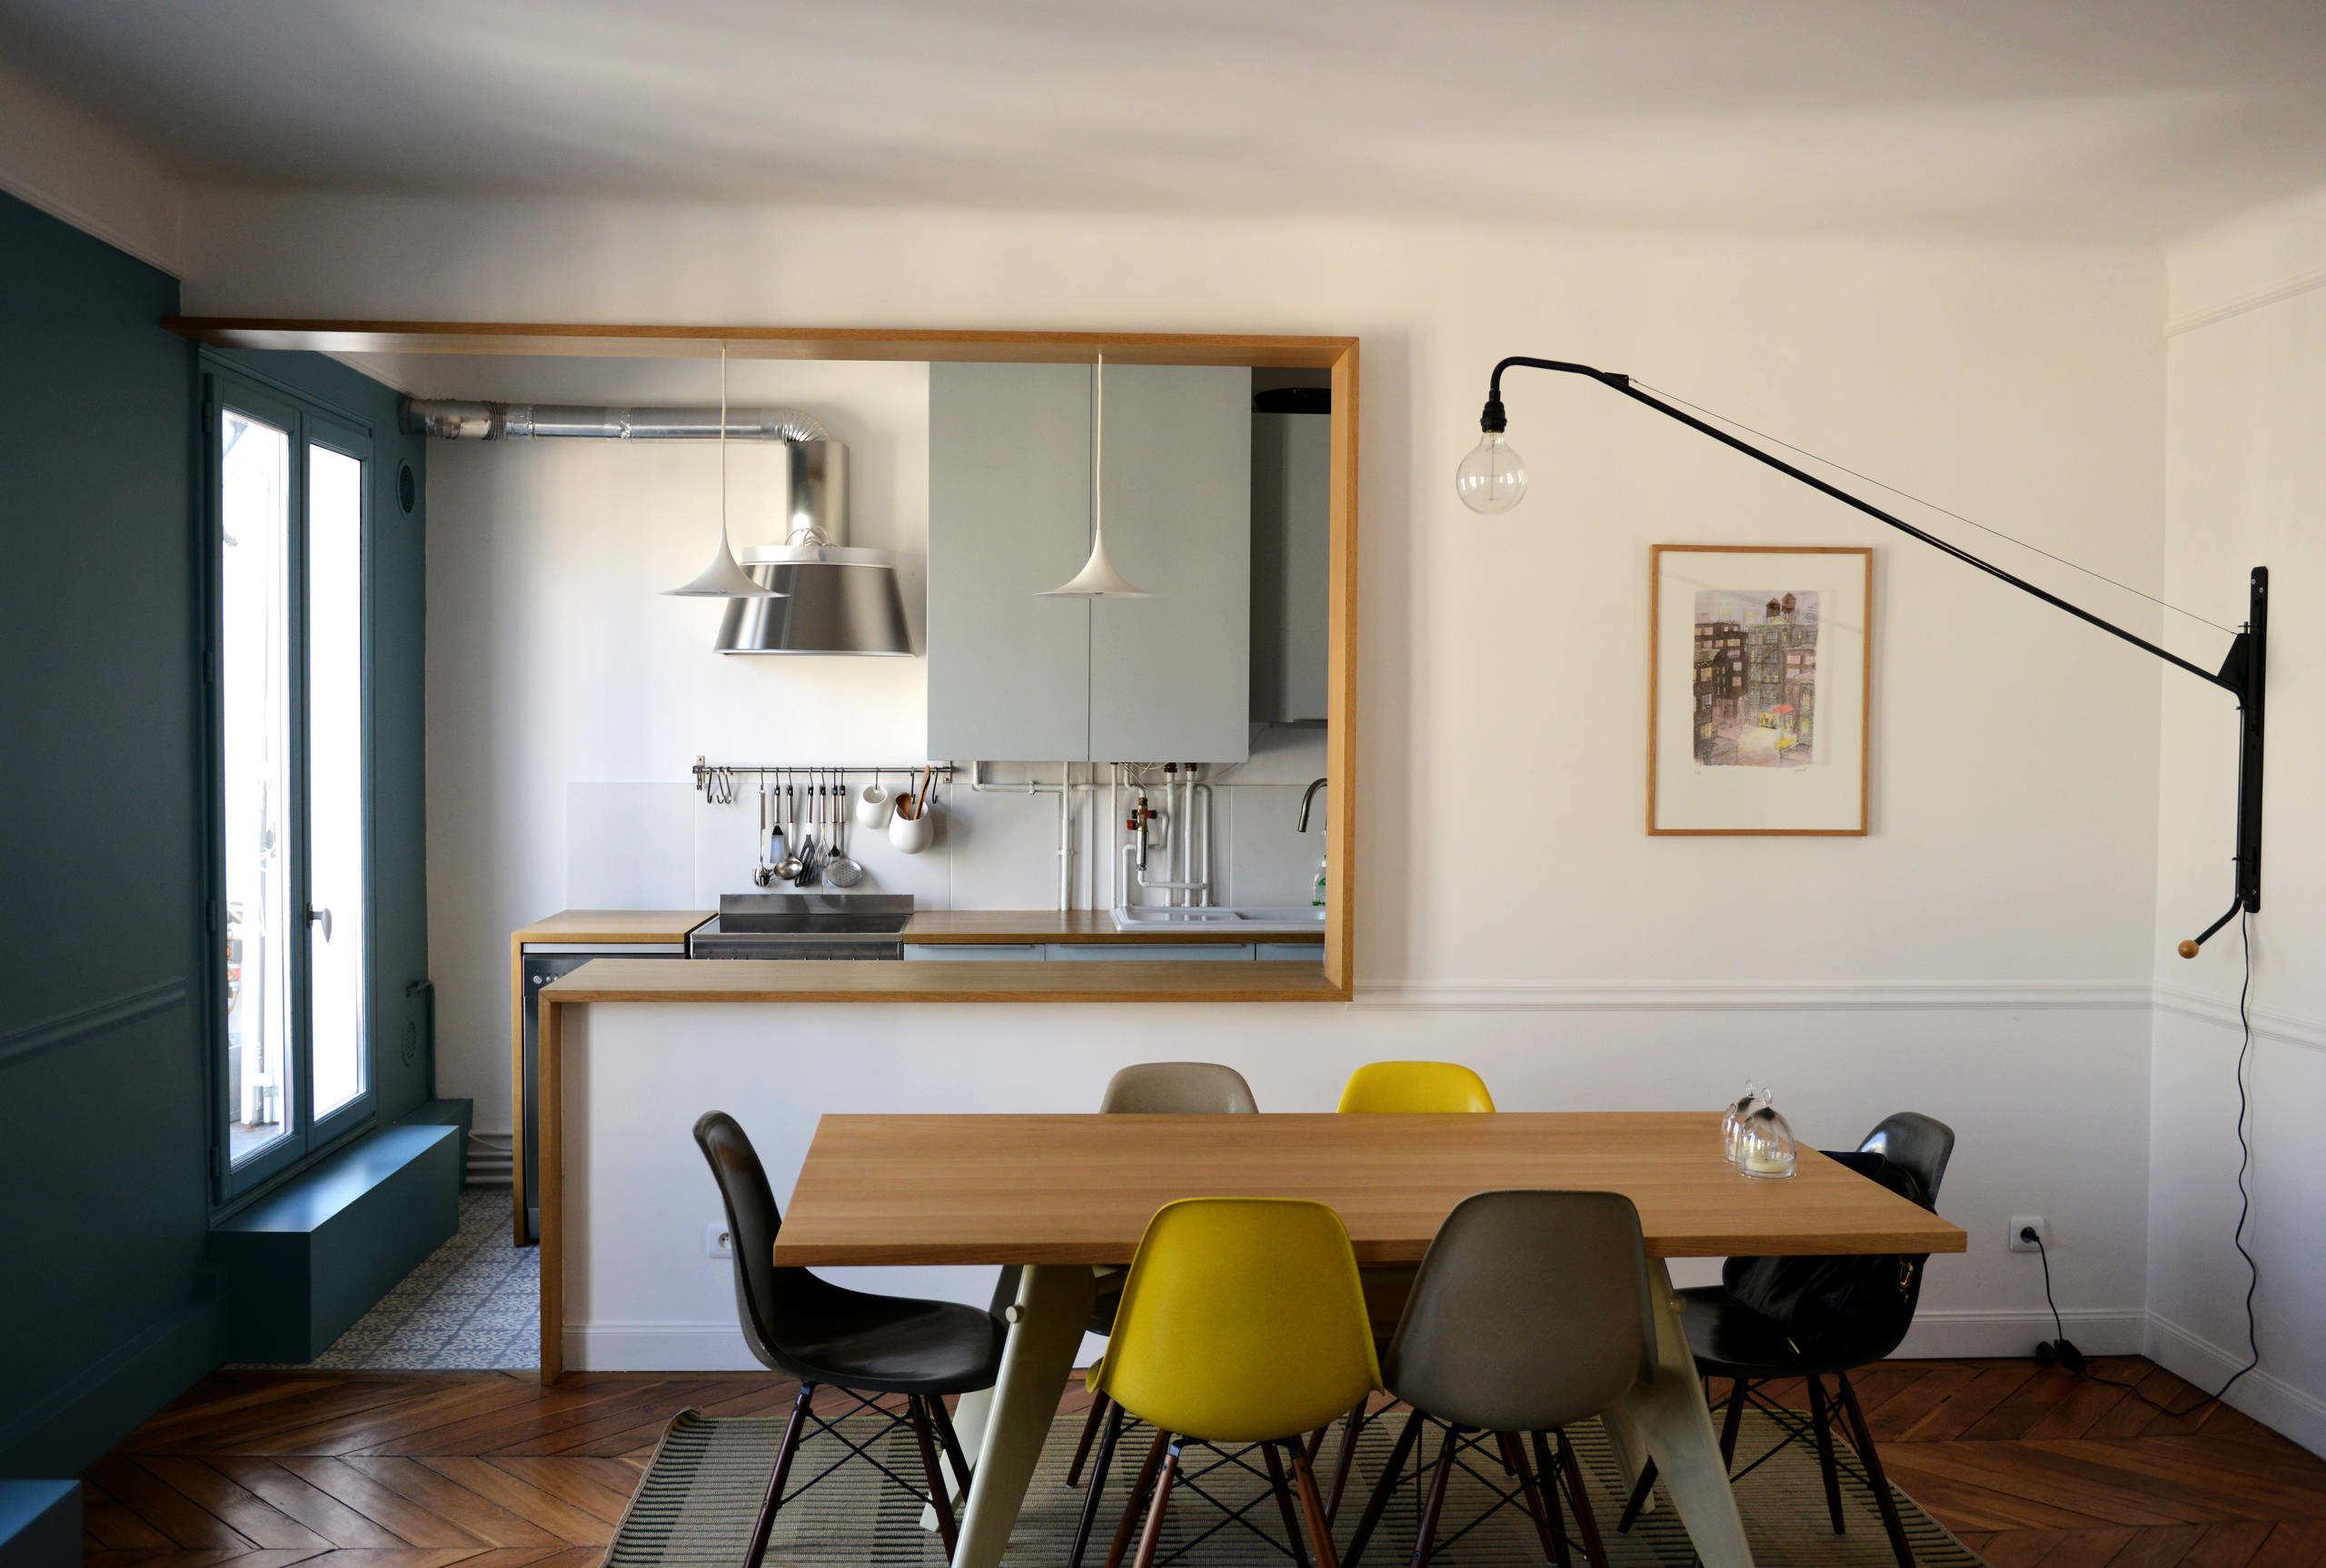 小户型餐厅怎么装修?合理利用空间很重要!